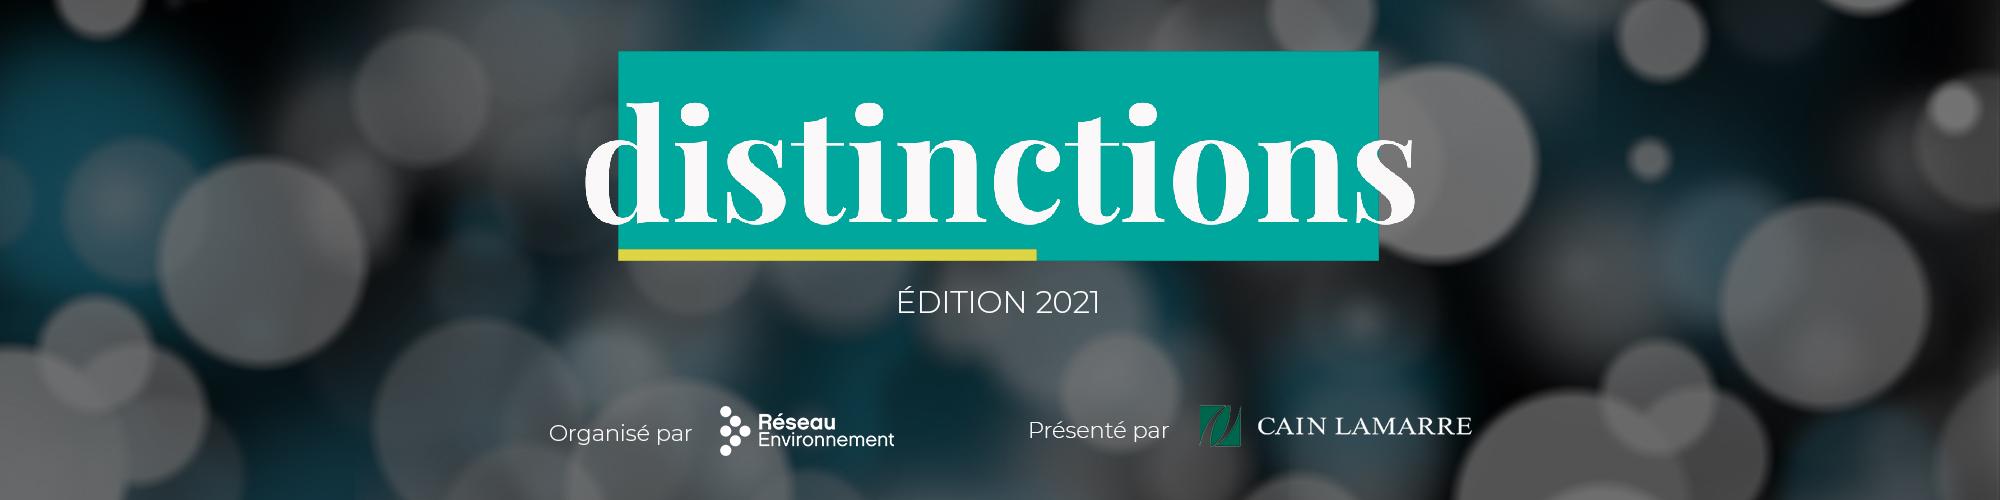 Bannière-Distinction-2000x500